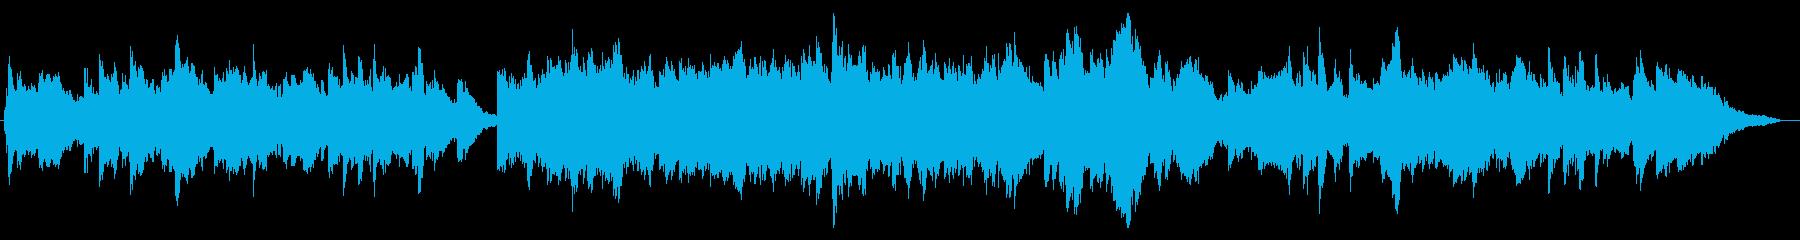 ほんのり和風のアップテンポのピアノ60秒の再生済みの波形